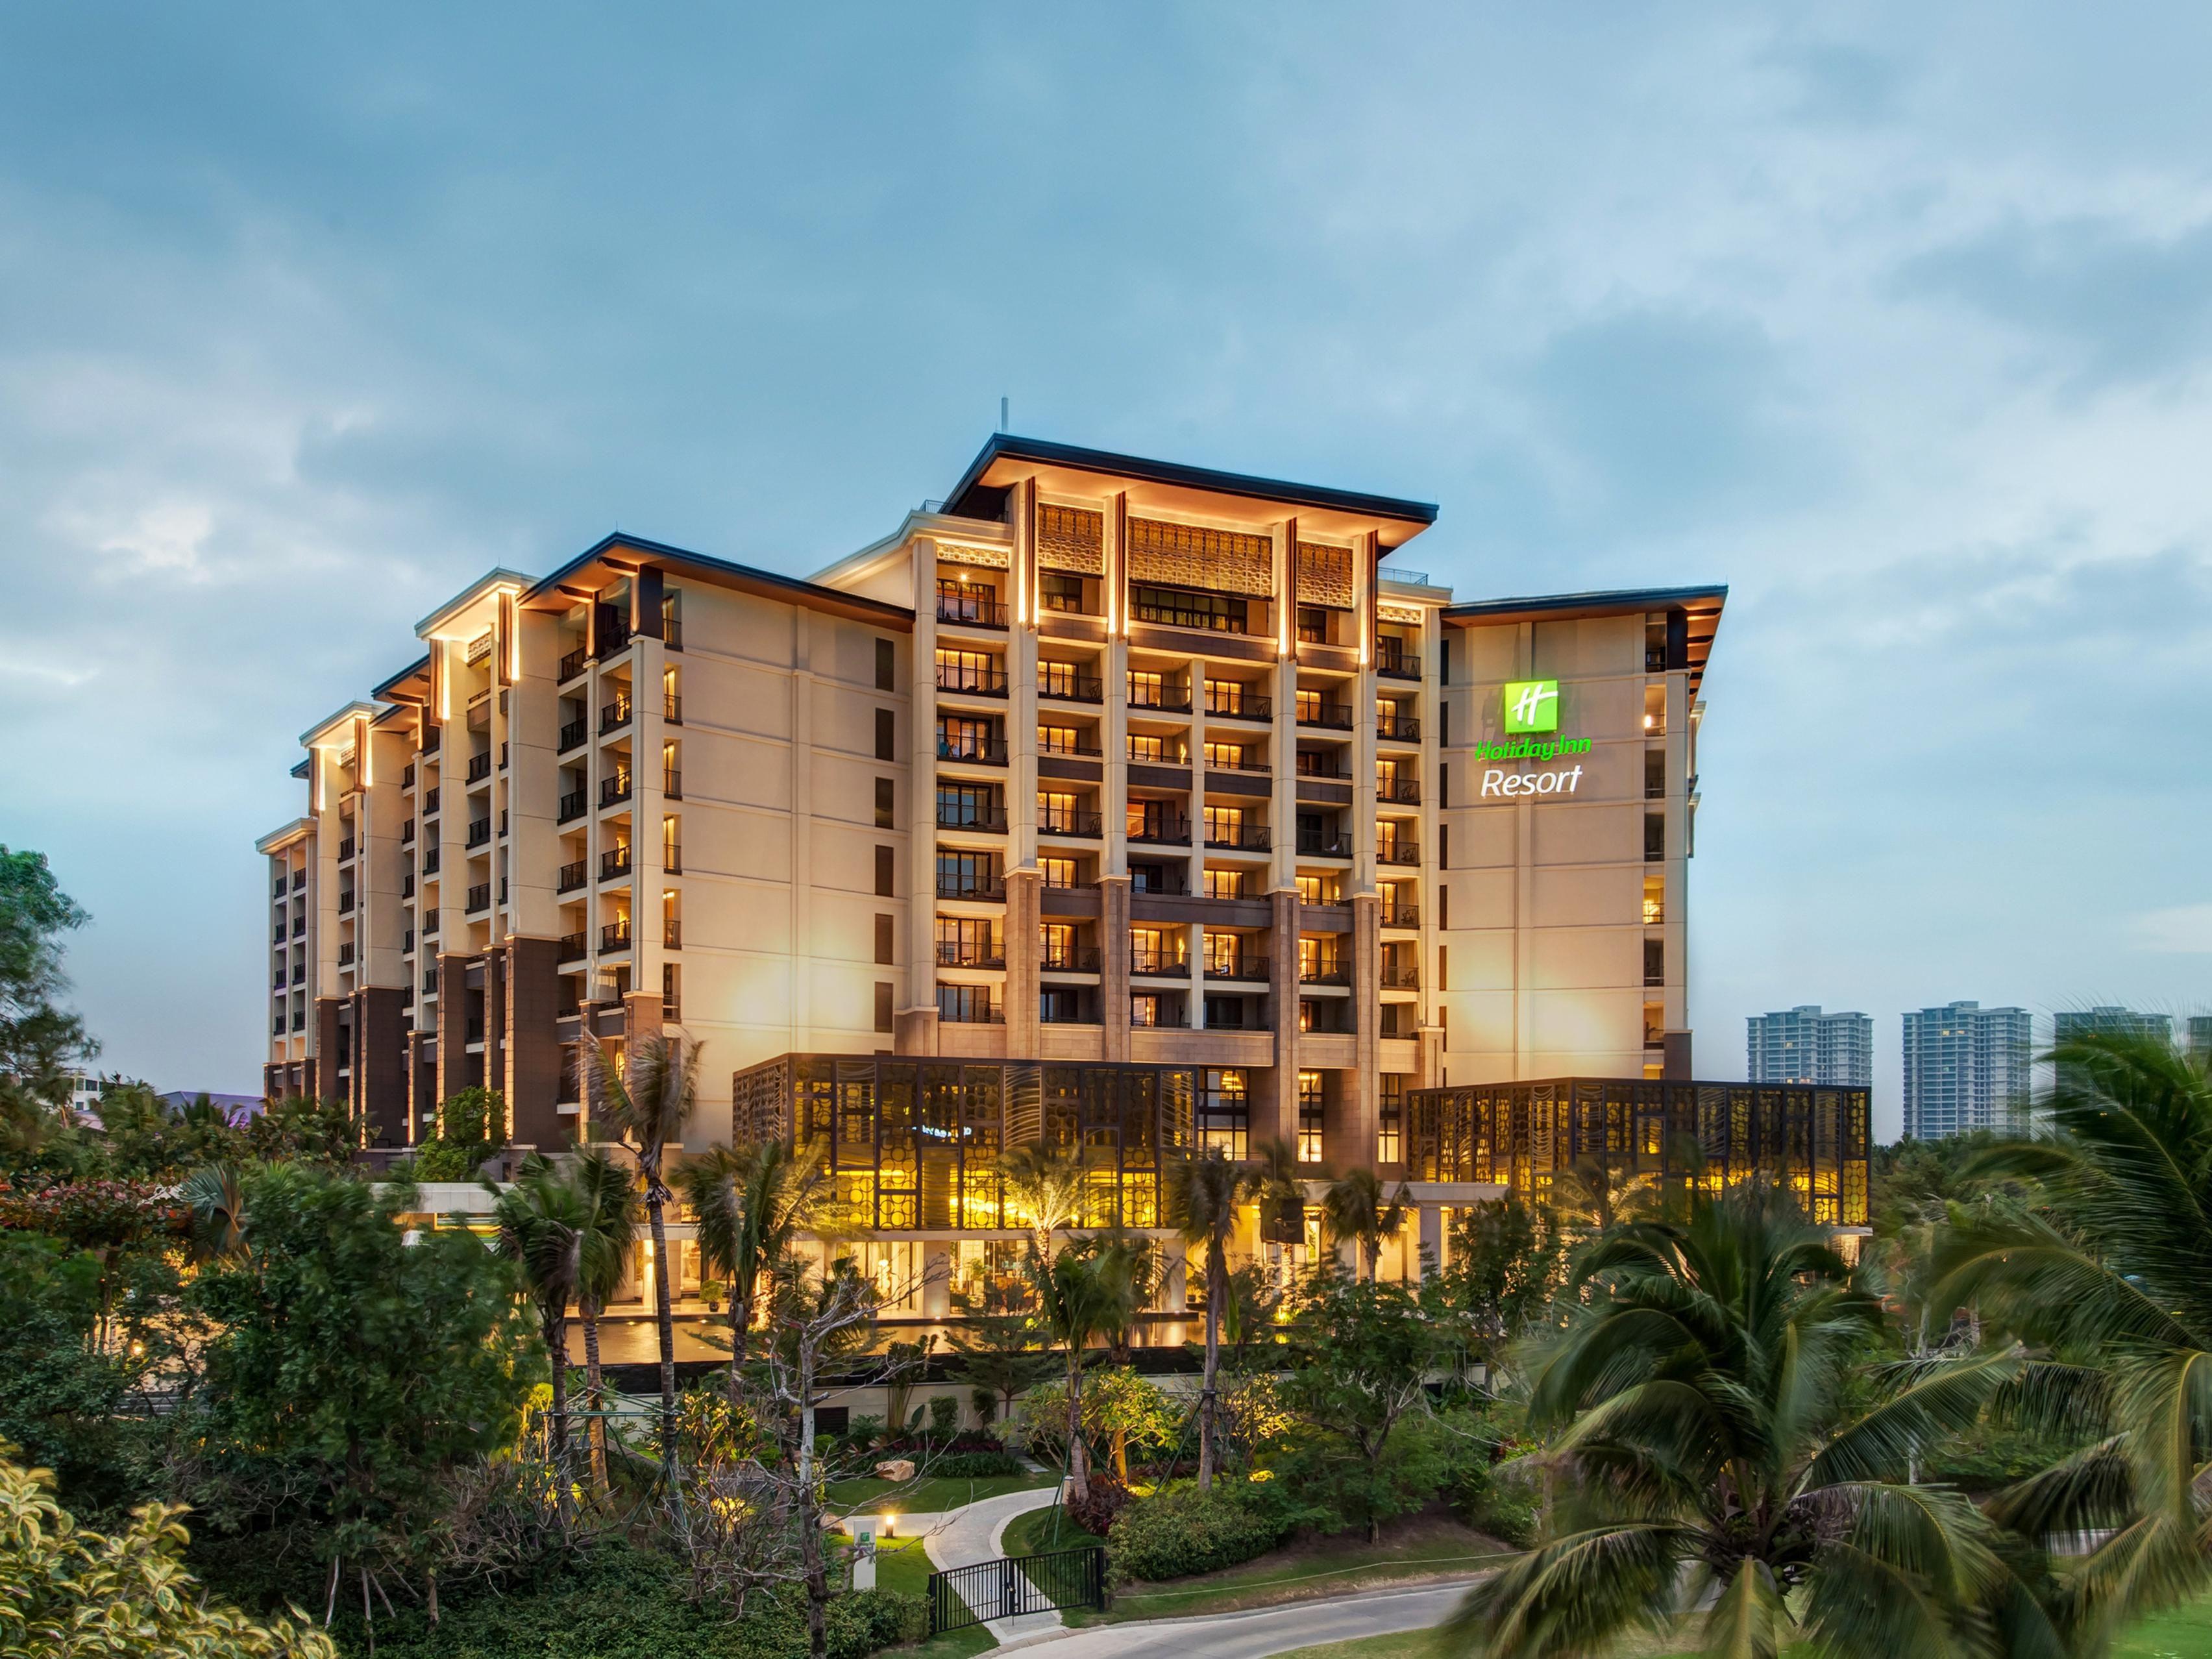 منتجع هوليداي إن هاينان كلير ووتر باي (Holiday Inn Resort ...   Sanya Holiday Inn Resort Logo